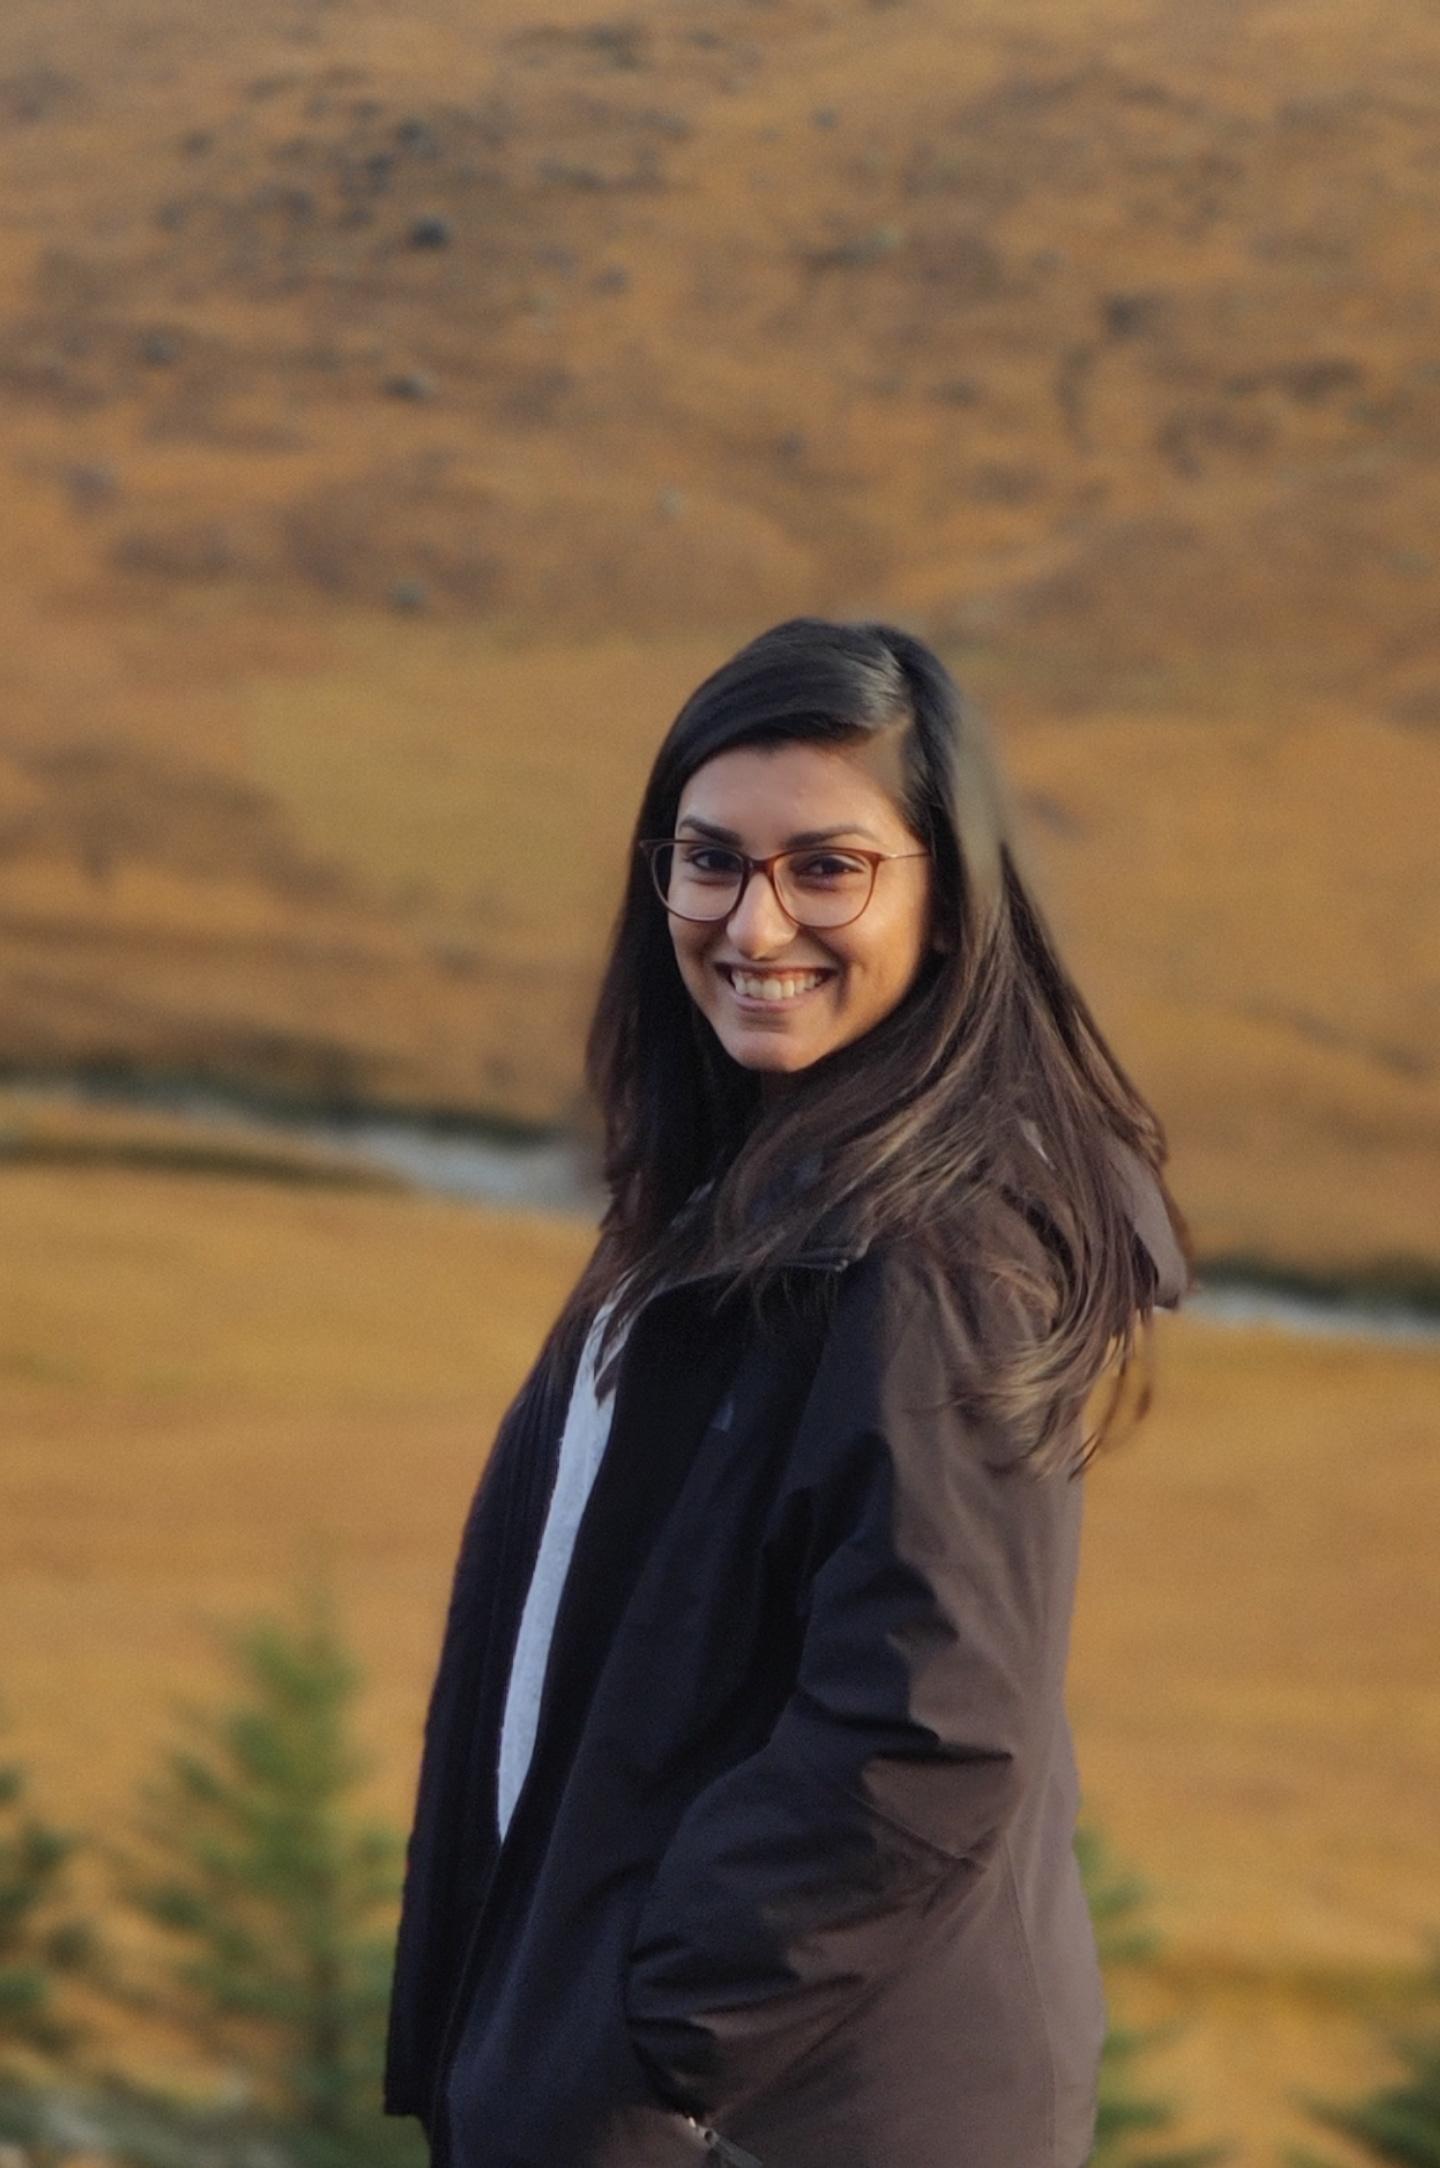 Shailie Mehta